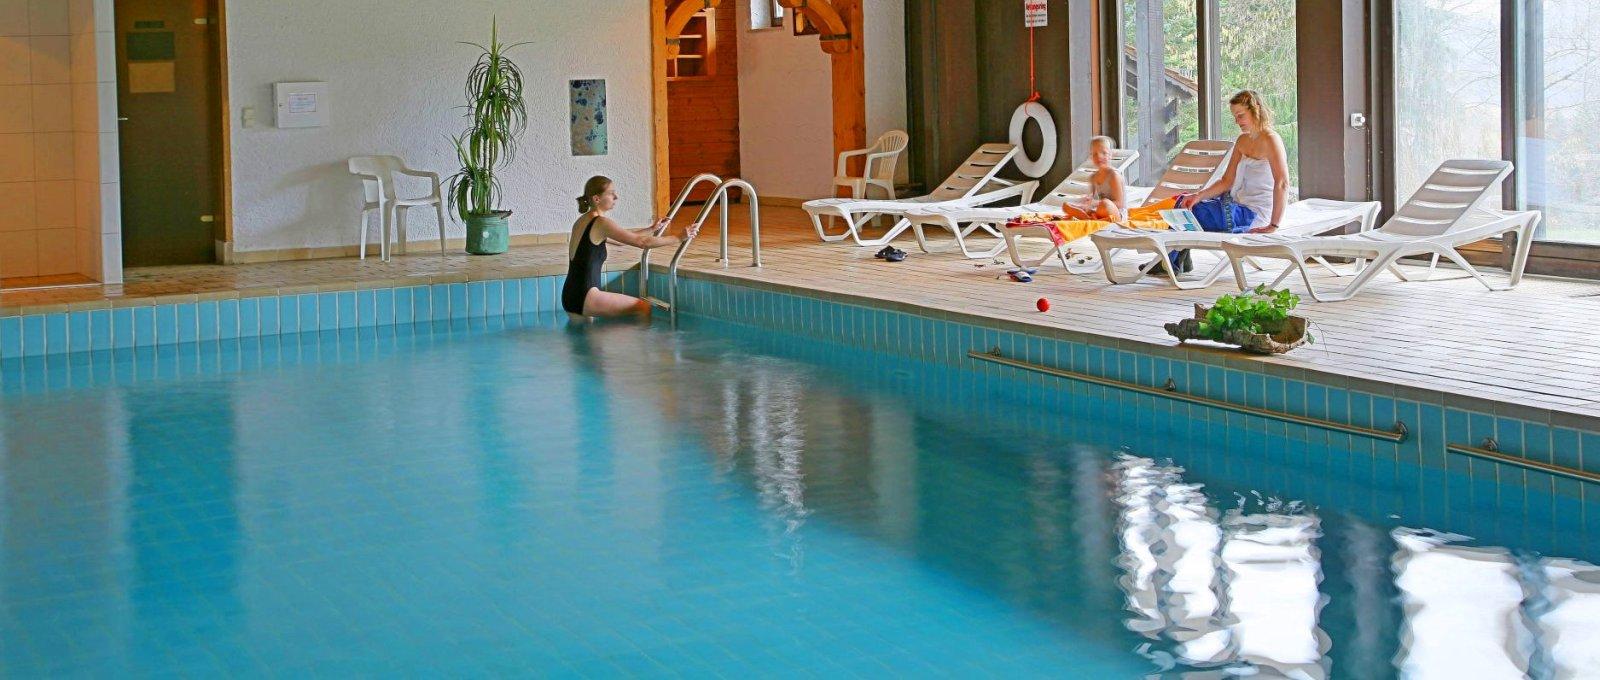 Hotel Bayerischer Wald Feriendorf in Pürgl – Kontakt